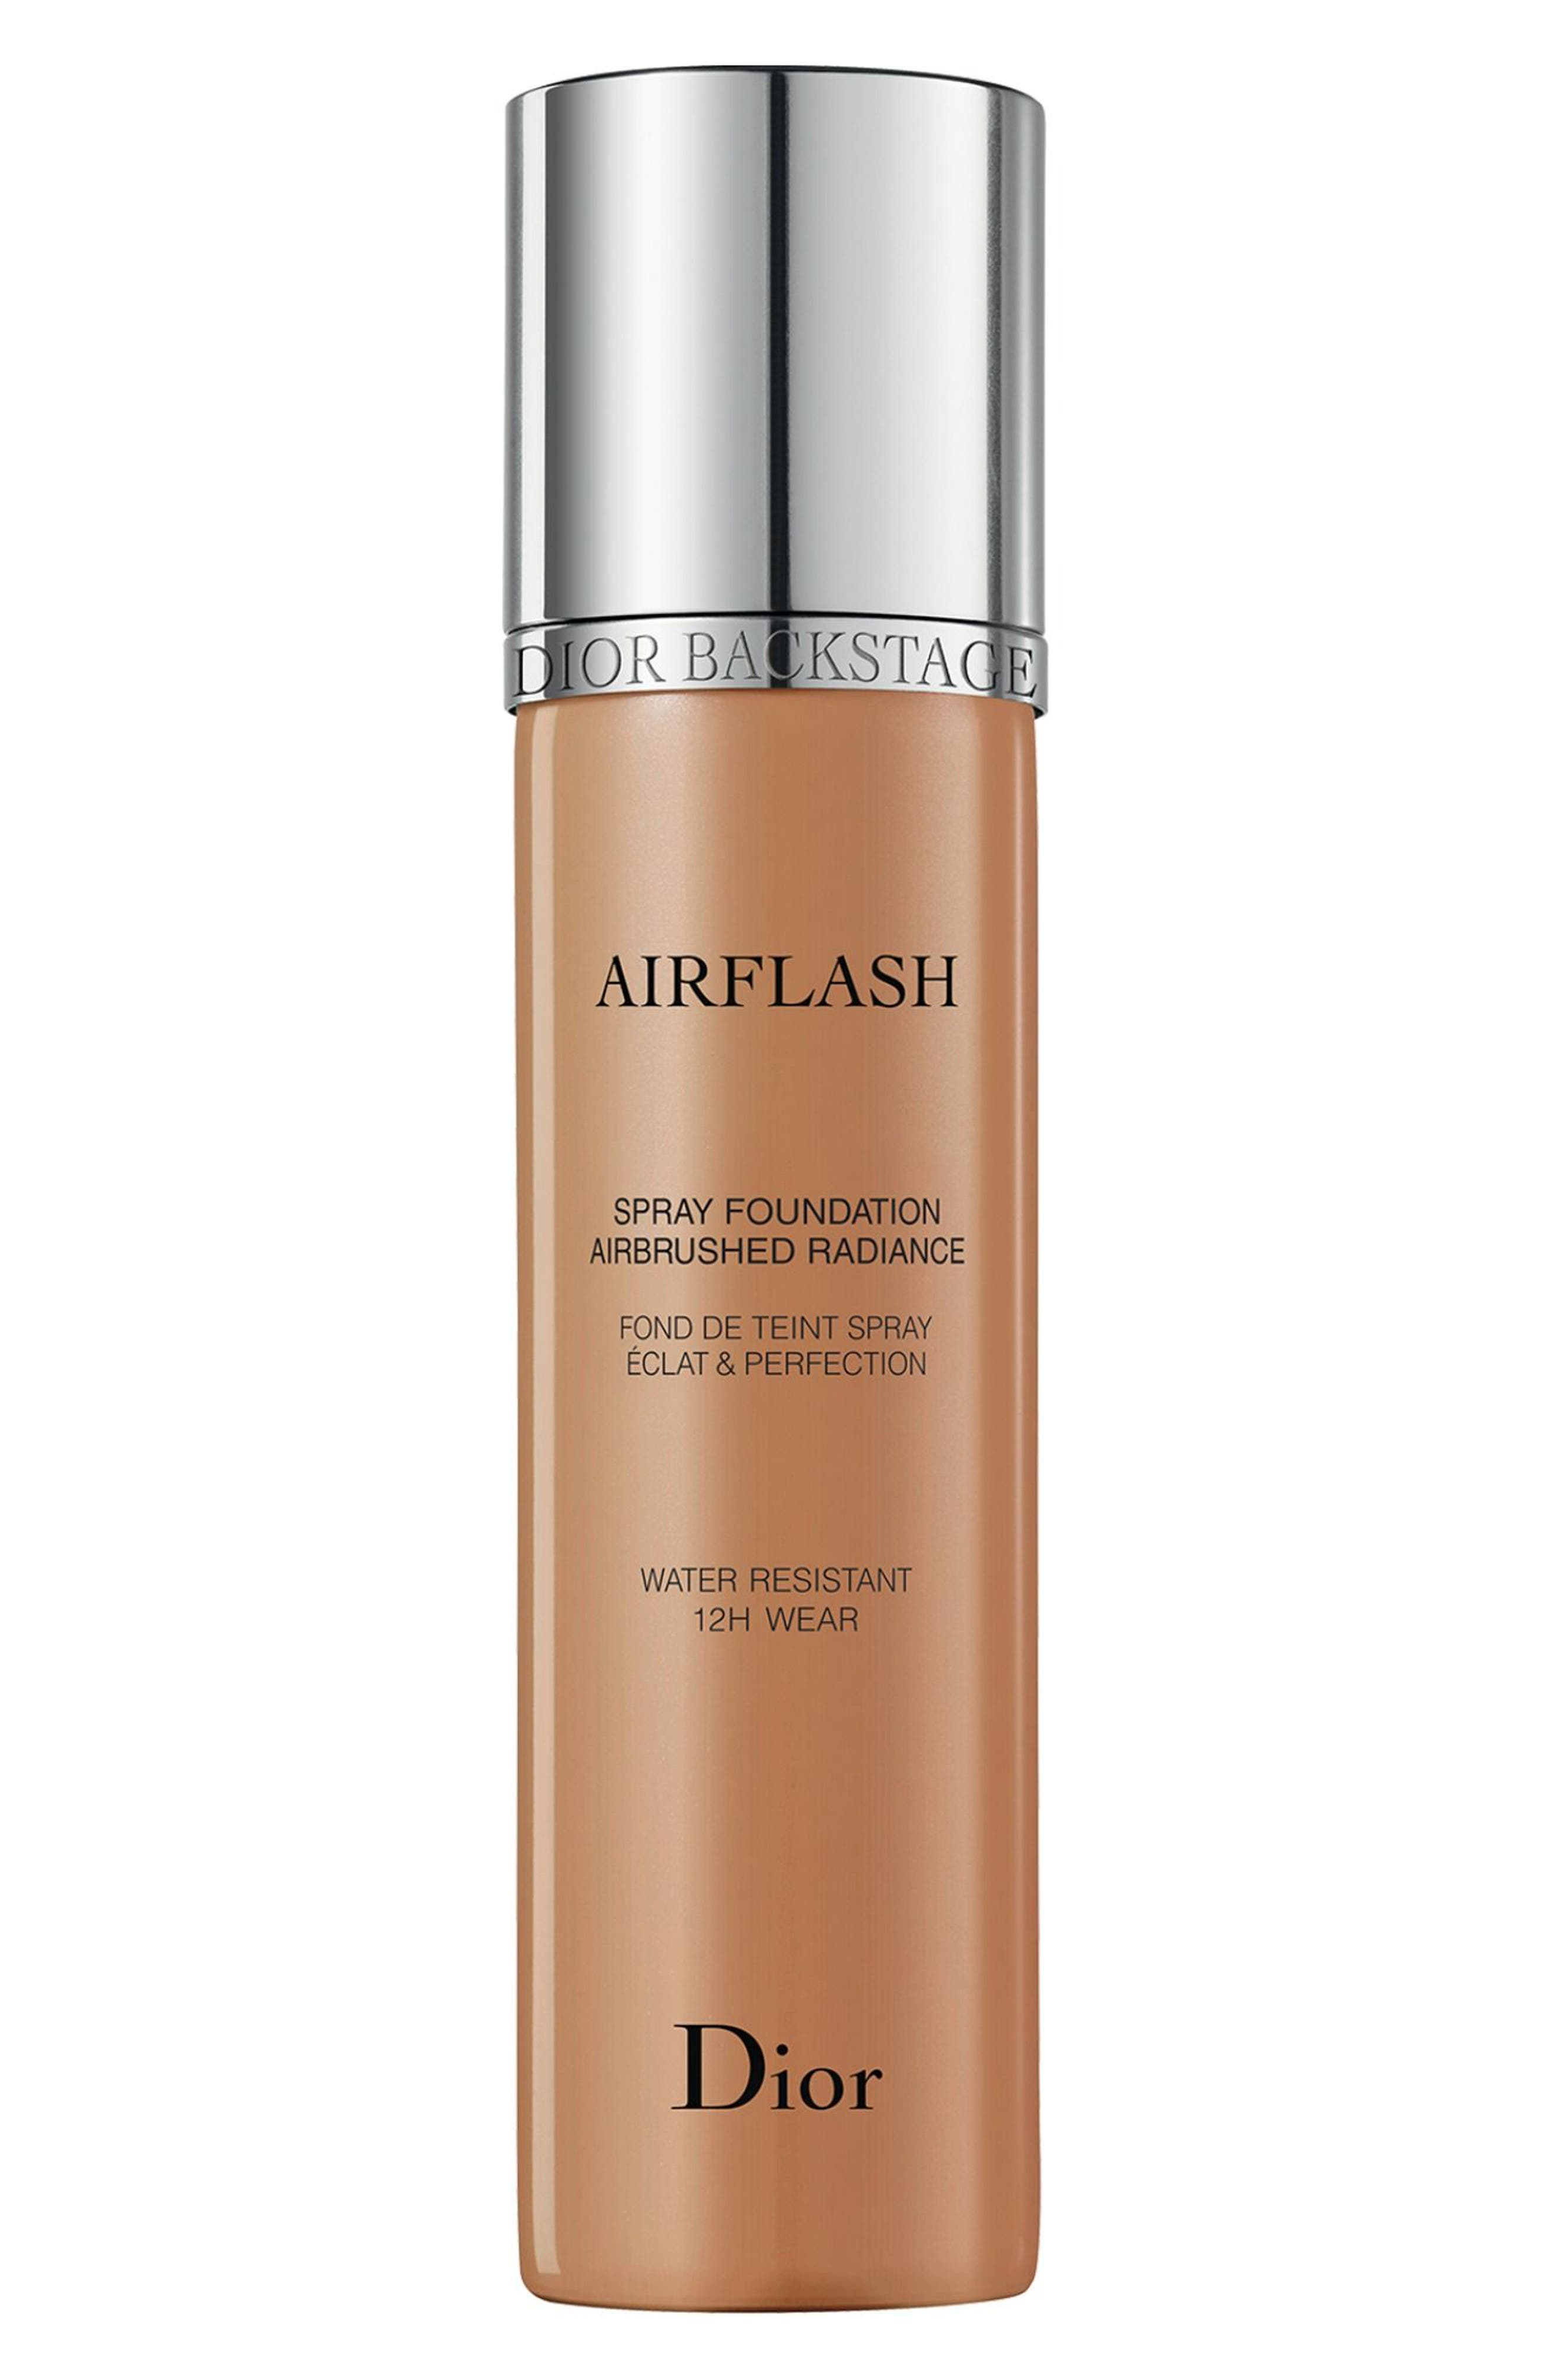 Dior Diorskin Airflash Spray Foundation - 501 Dark Beige